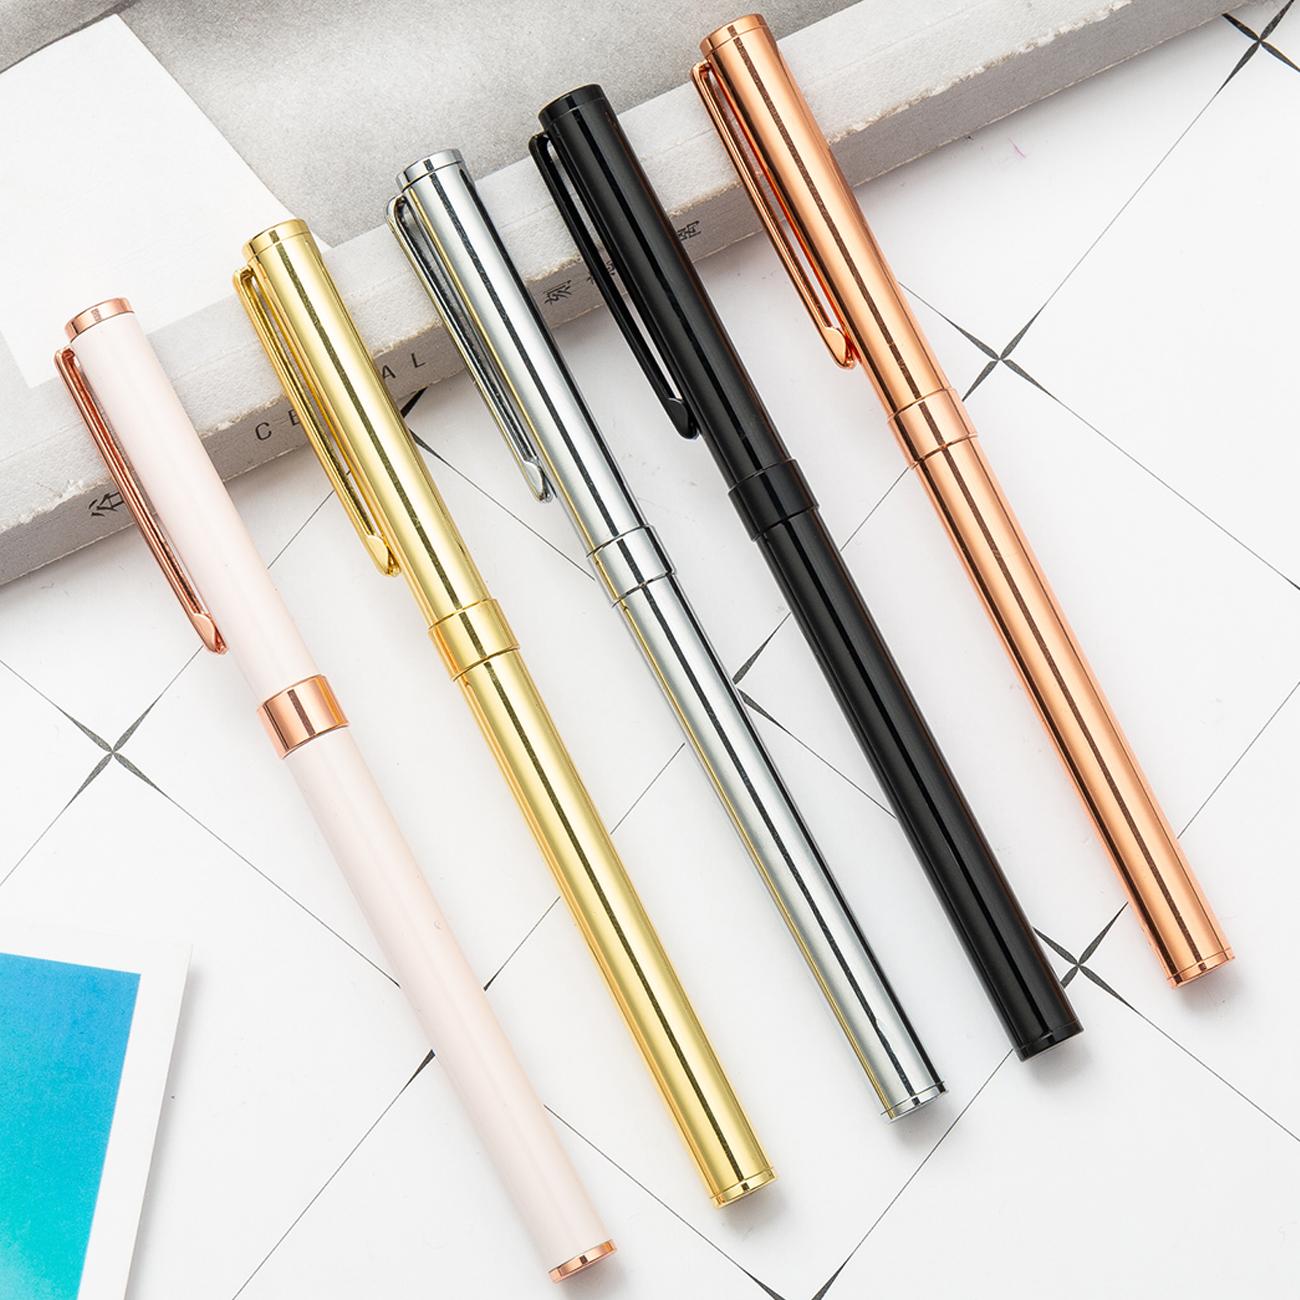 Лидер продаж, индивидуальная заводская цена, шариковая ручка, школьные и офисные принадлежности, высококачественная металлическая шариковая ручка